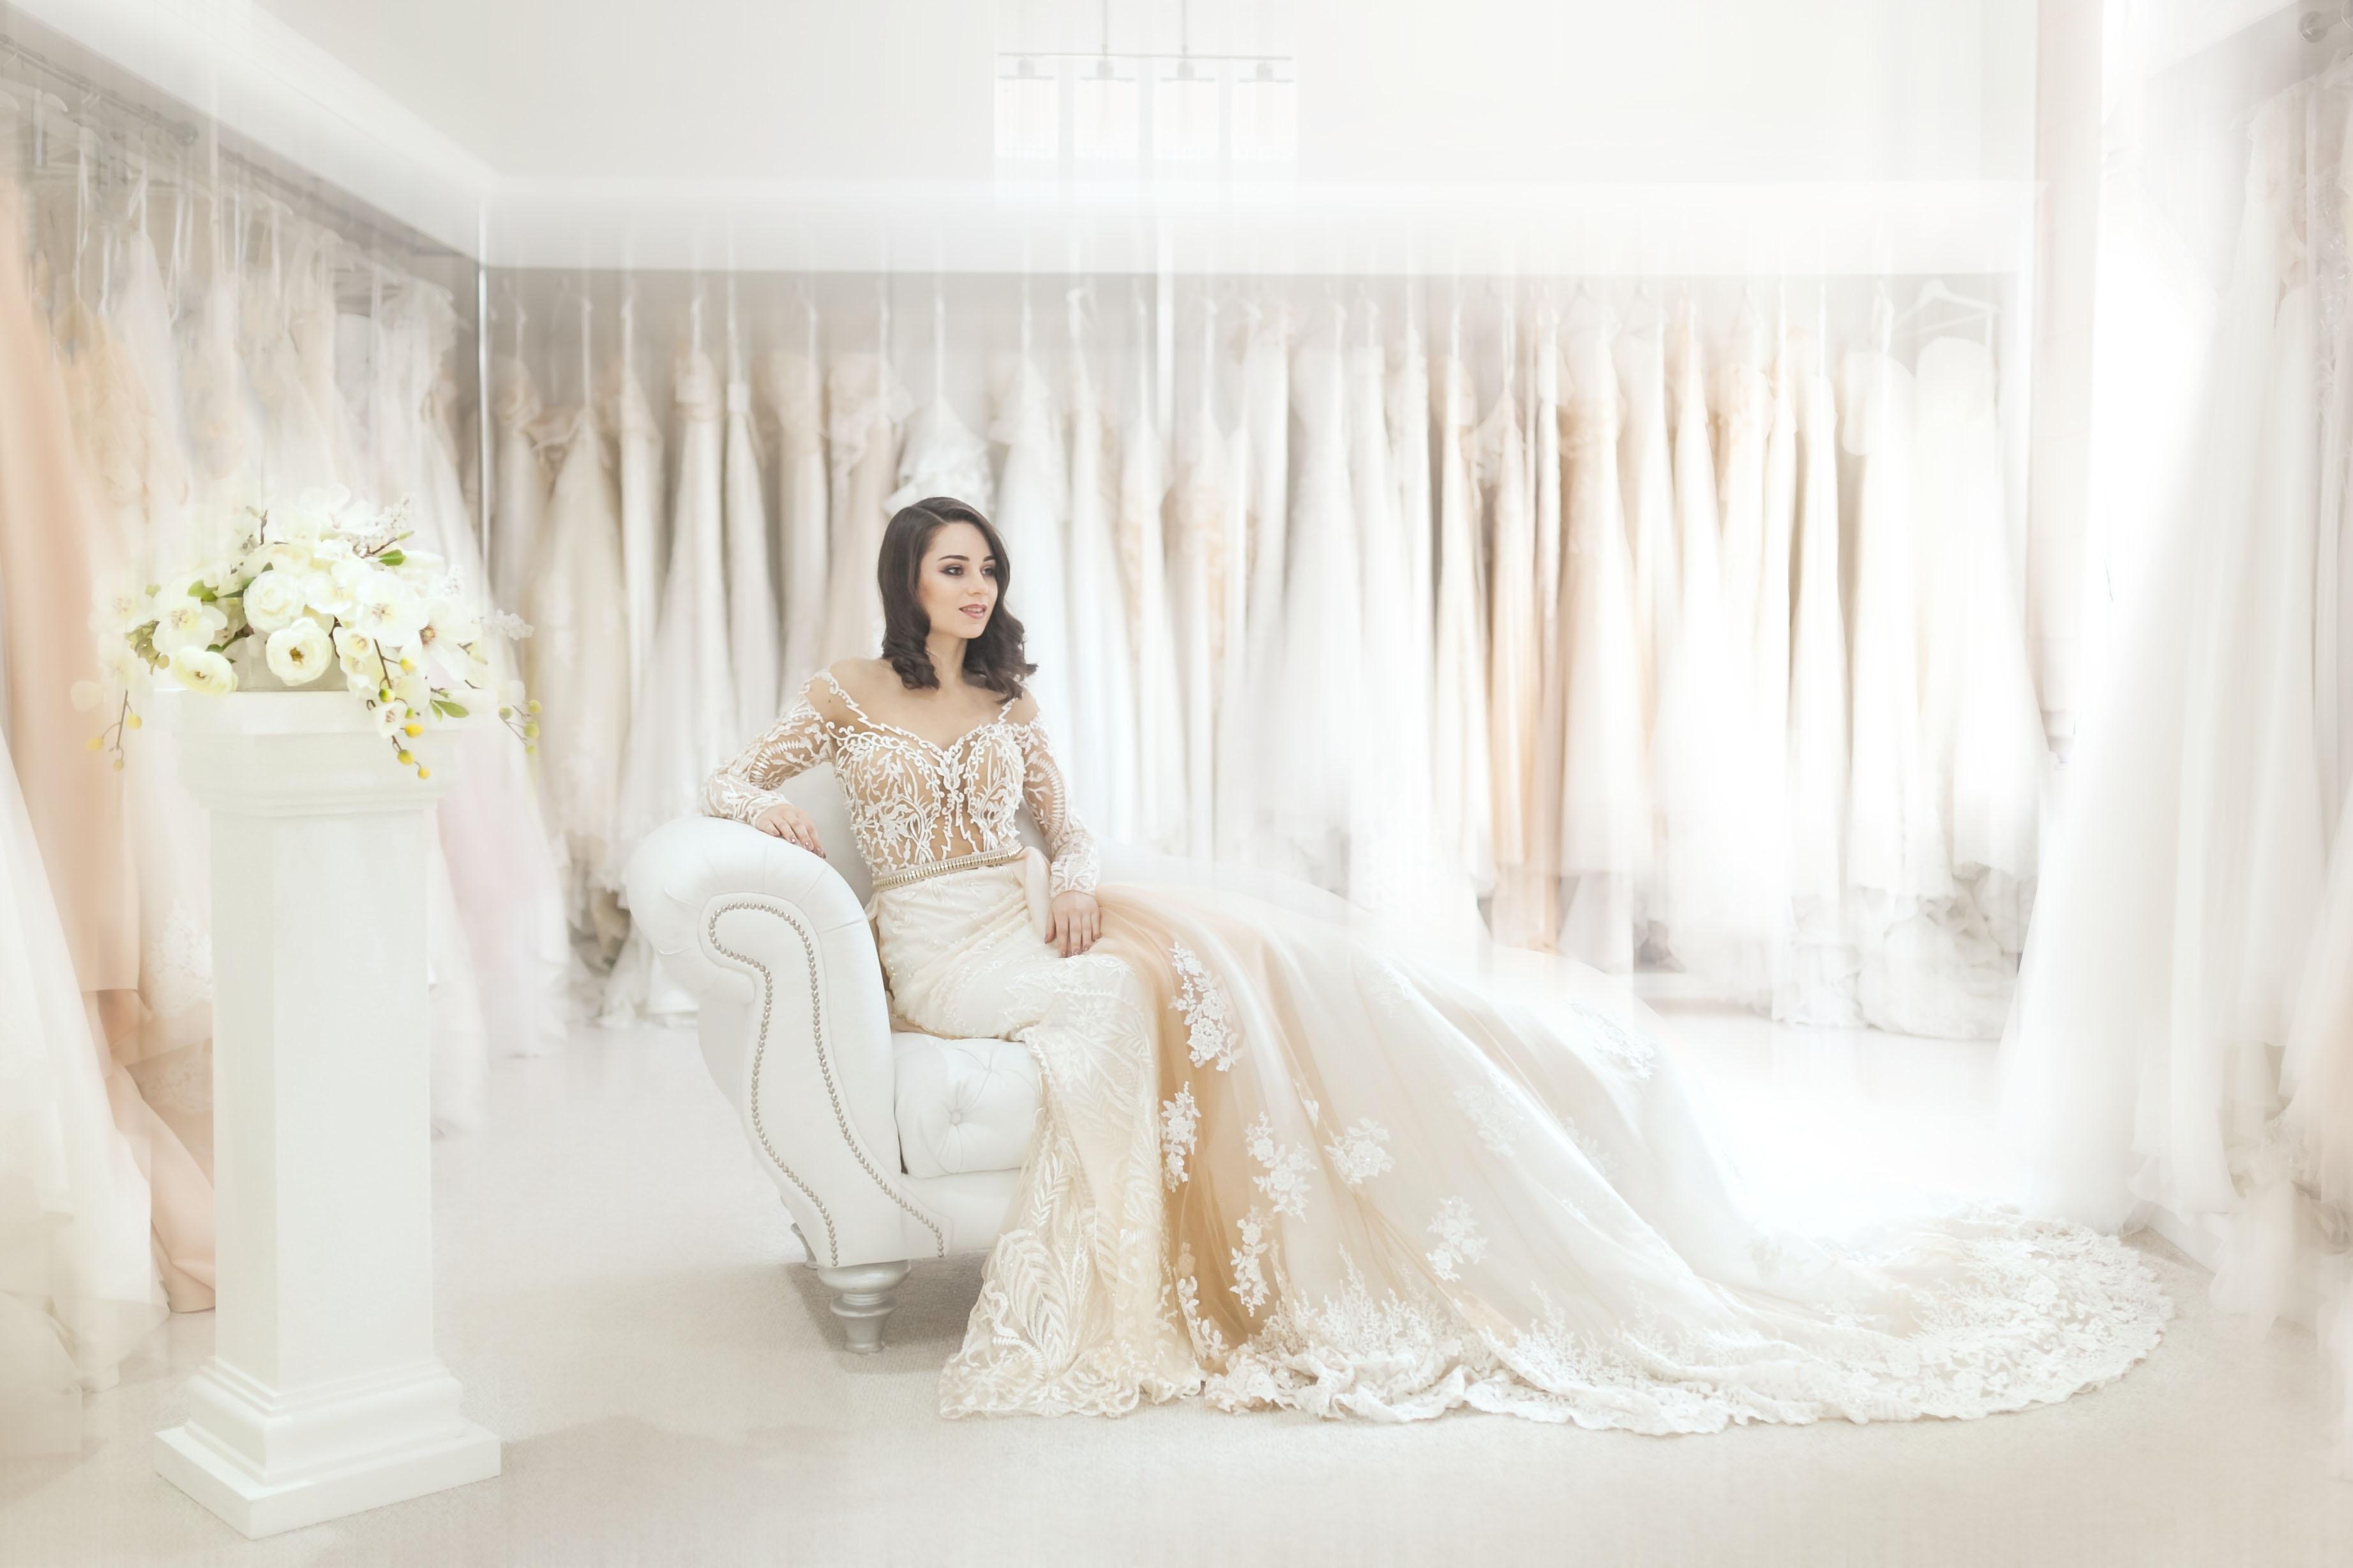 Choisir sa robe de mariée : une étape cruciale pour son mariage